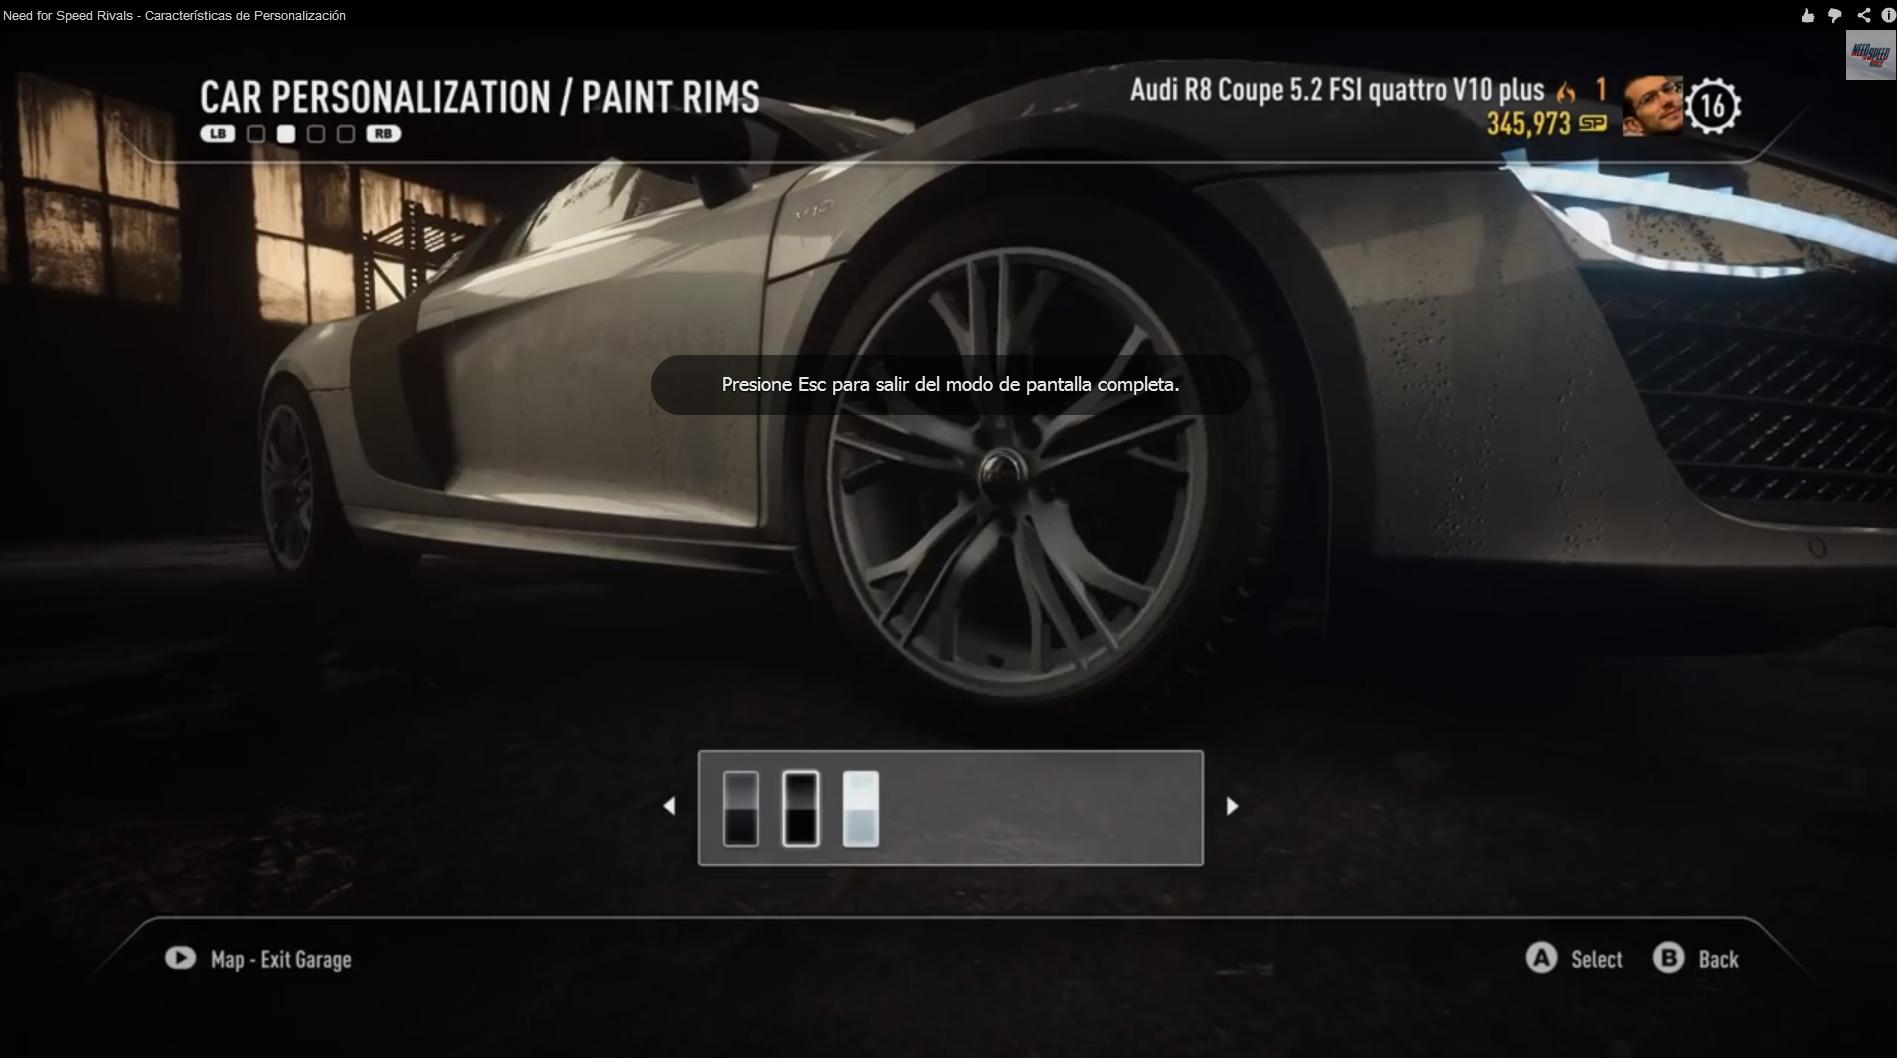 Need for Speed Rivals permitirá personalización online